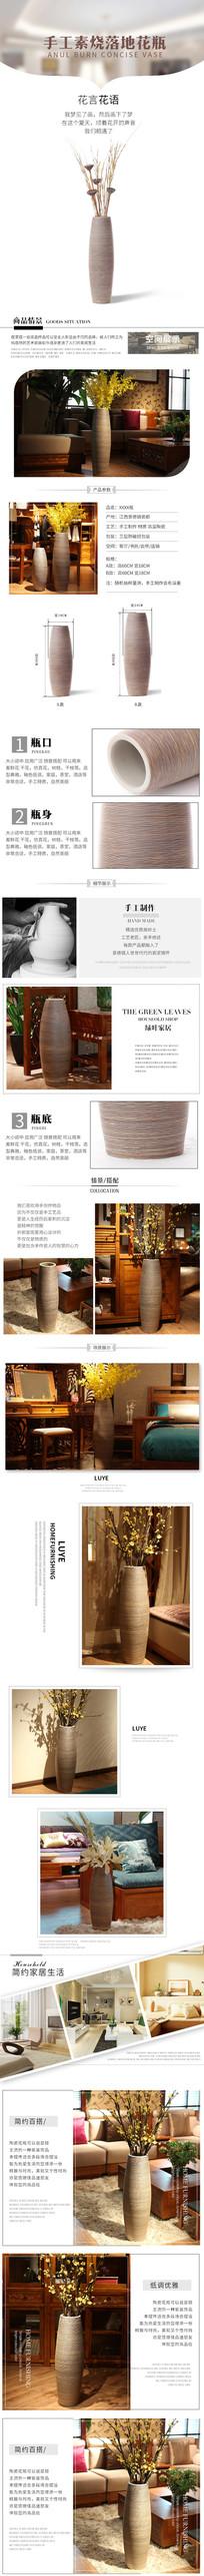 手工素烧落地花瓶详情页设计